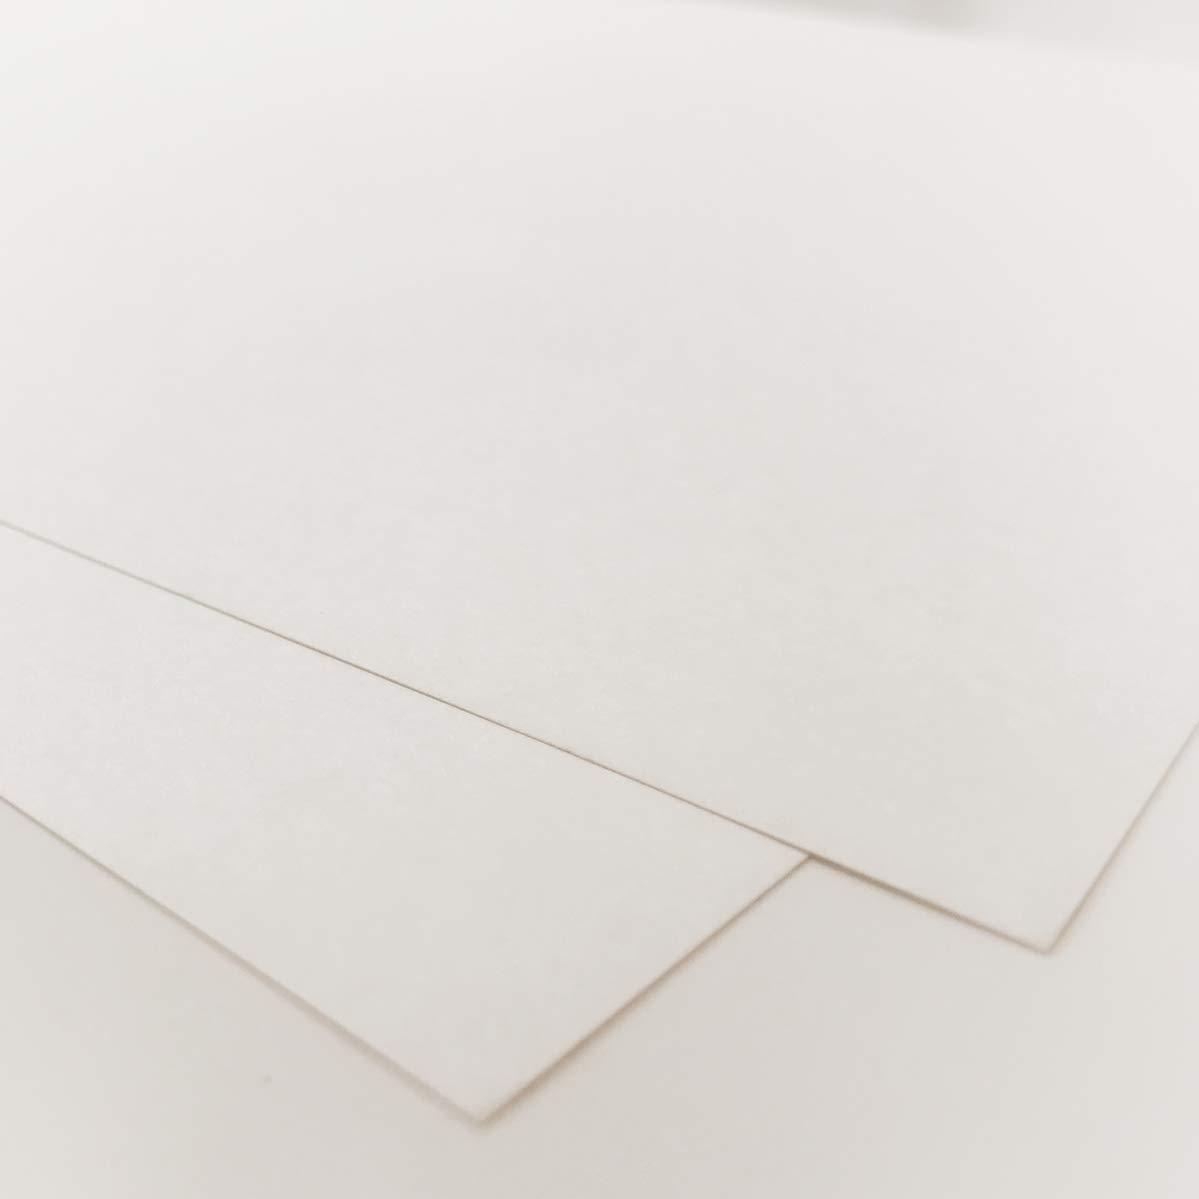 上質紙 271×392 90キロ タテ目 8,000枚 B07V4HKSRR